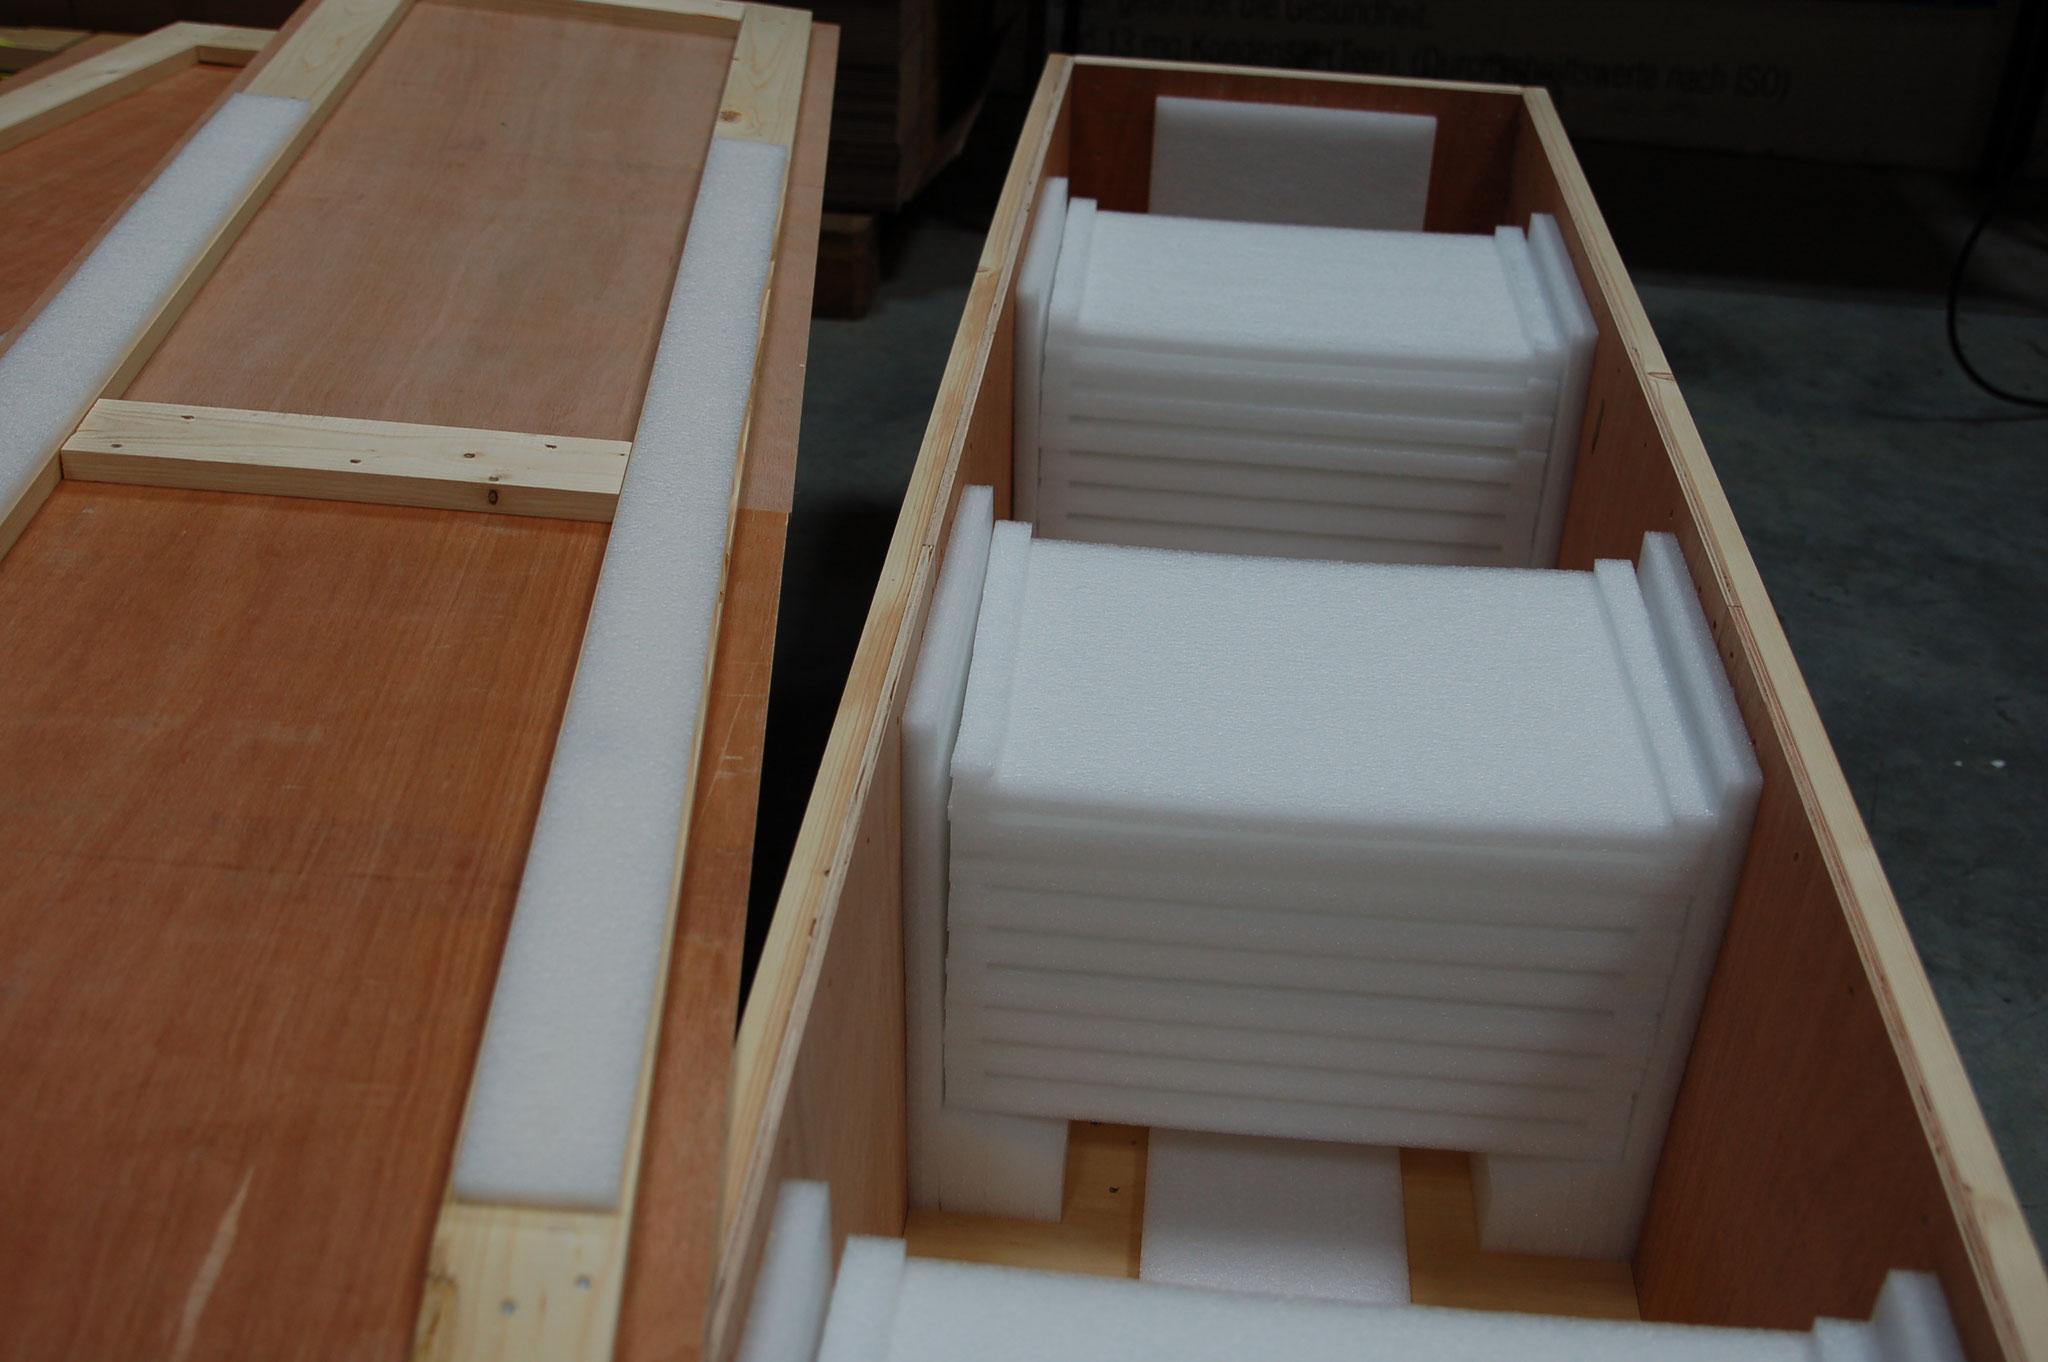 Kiste für zehn Liegenplatten